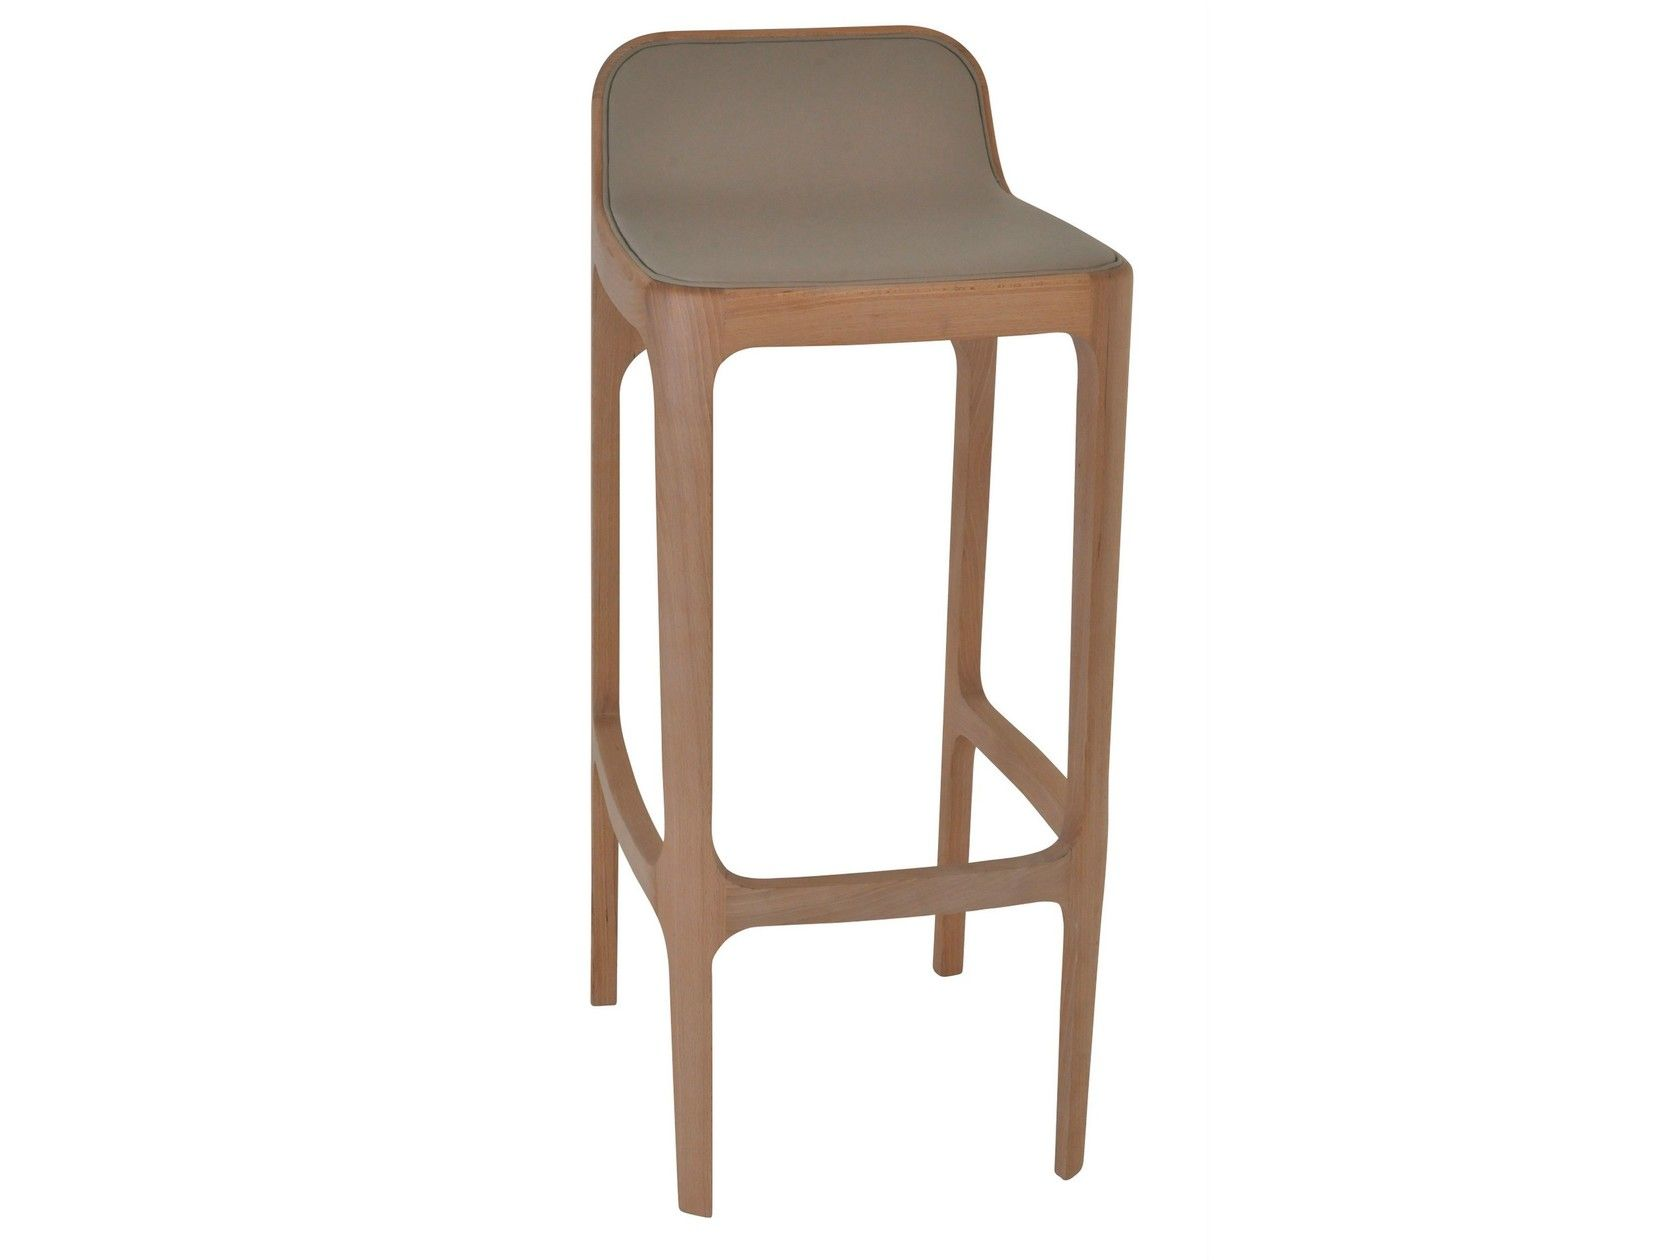 Sgabello in legno yume sgabello by perrouin furniture